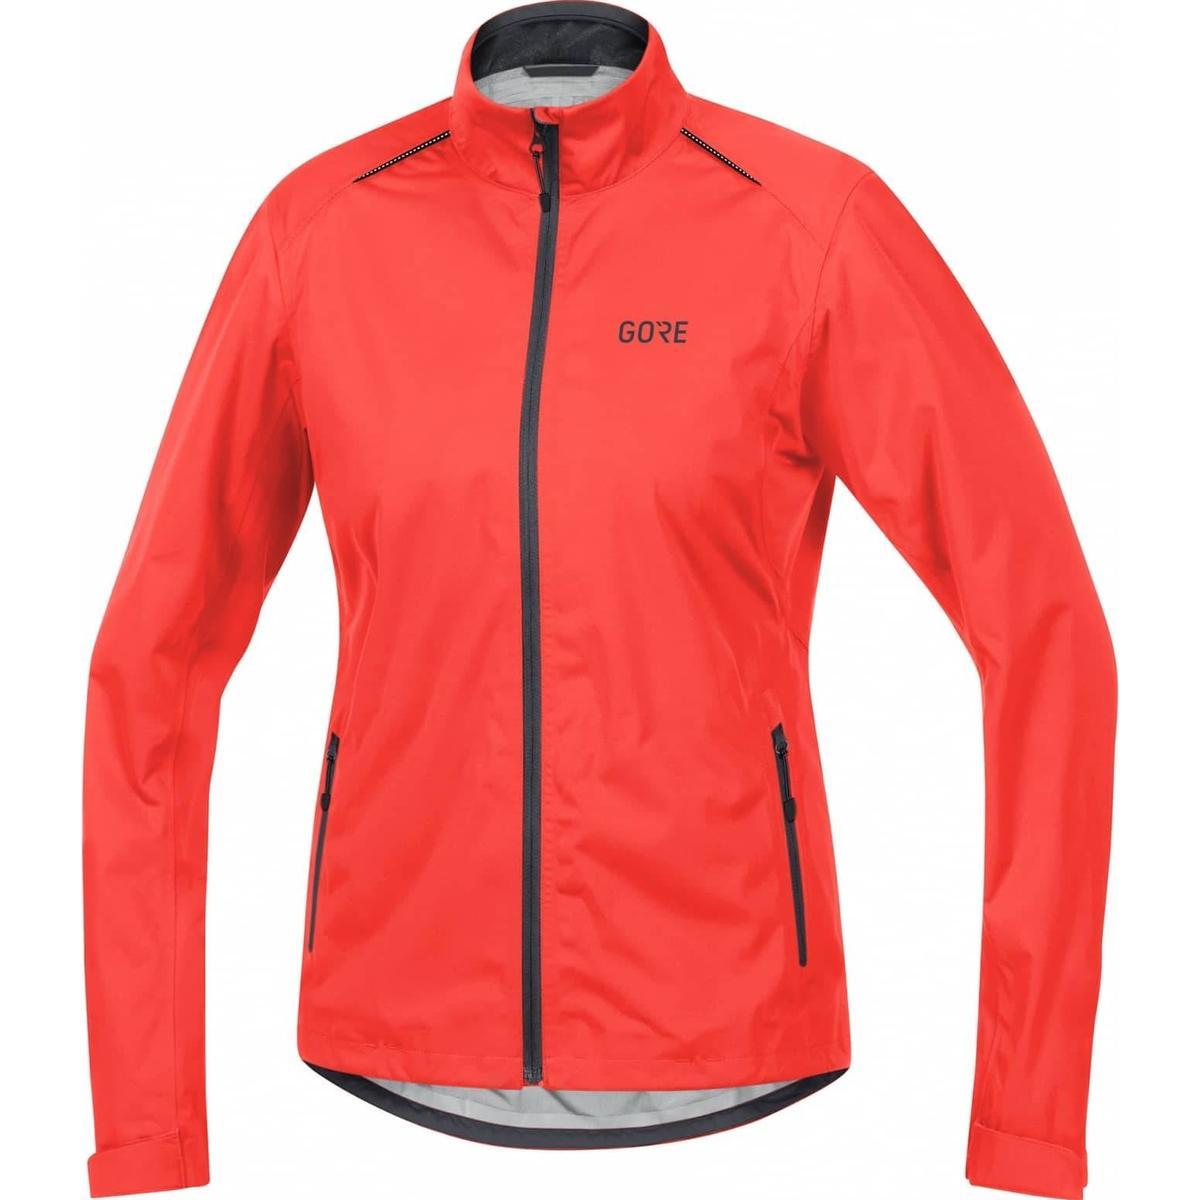 8e24e326672f Gore Bike Wear Sportstøj - Sammenlign priser hos PriceRunner